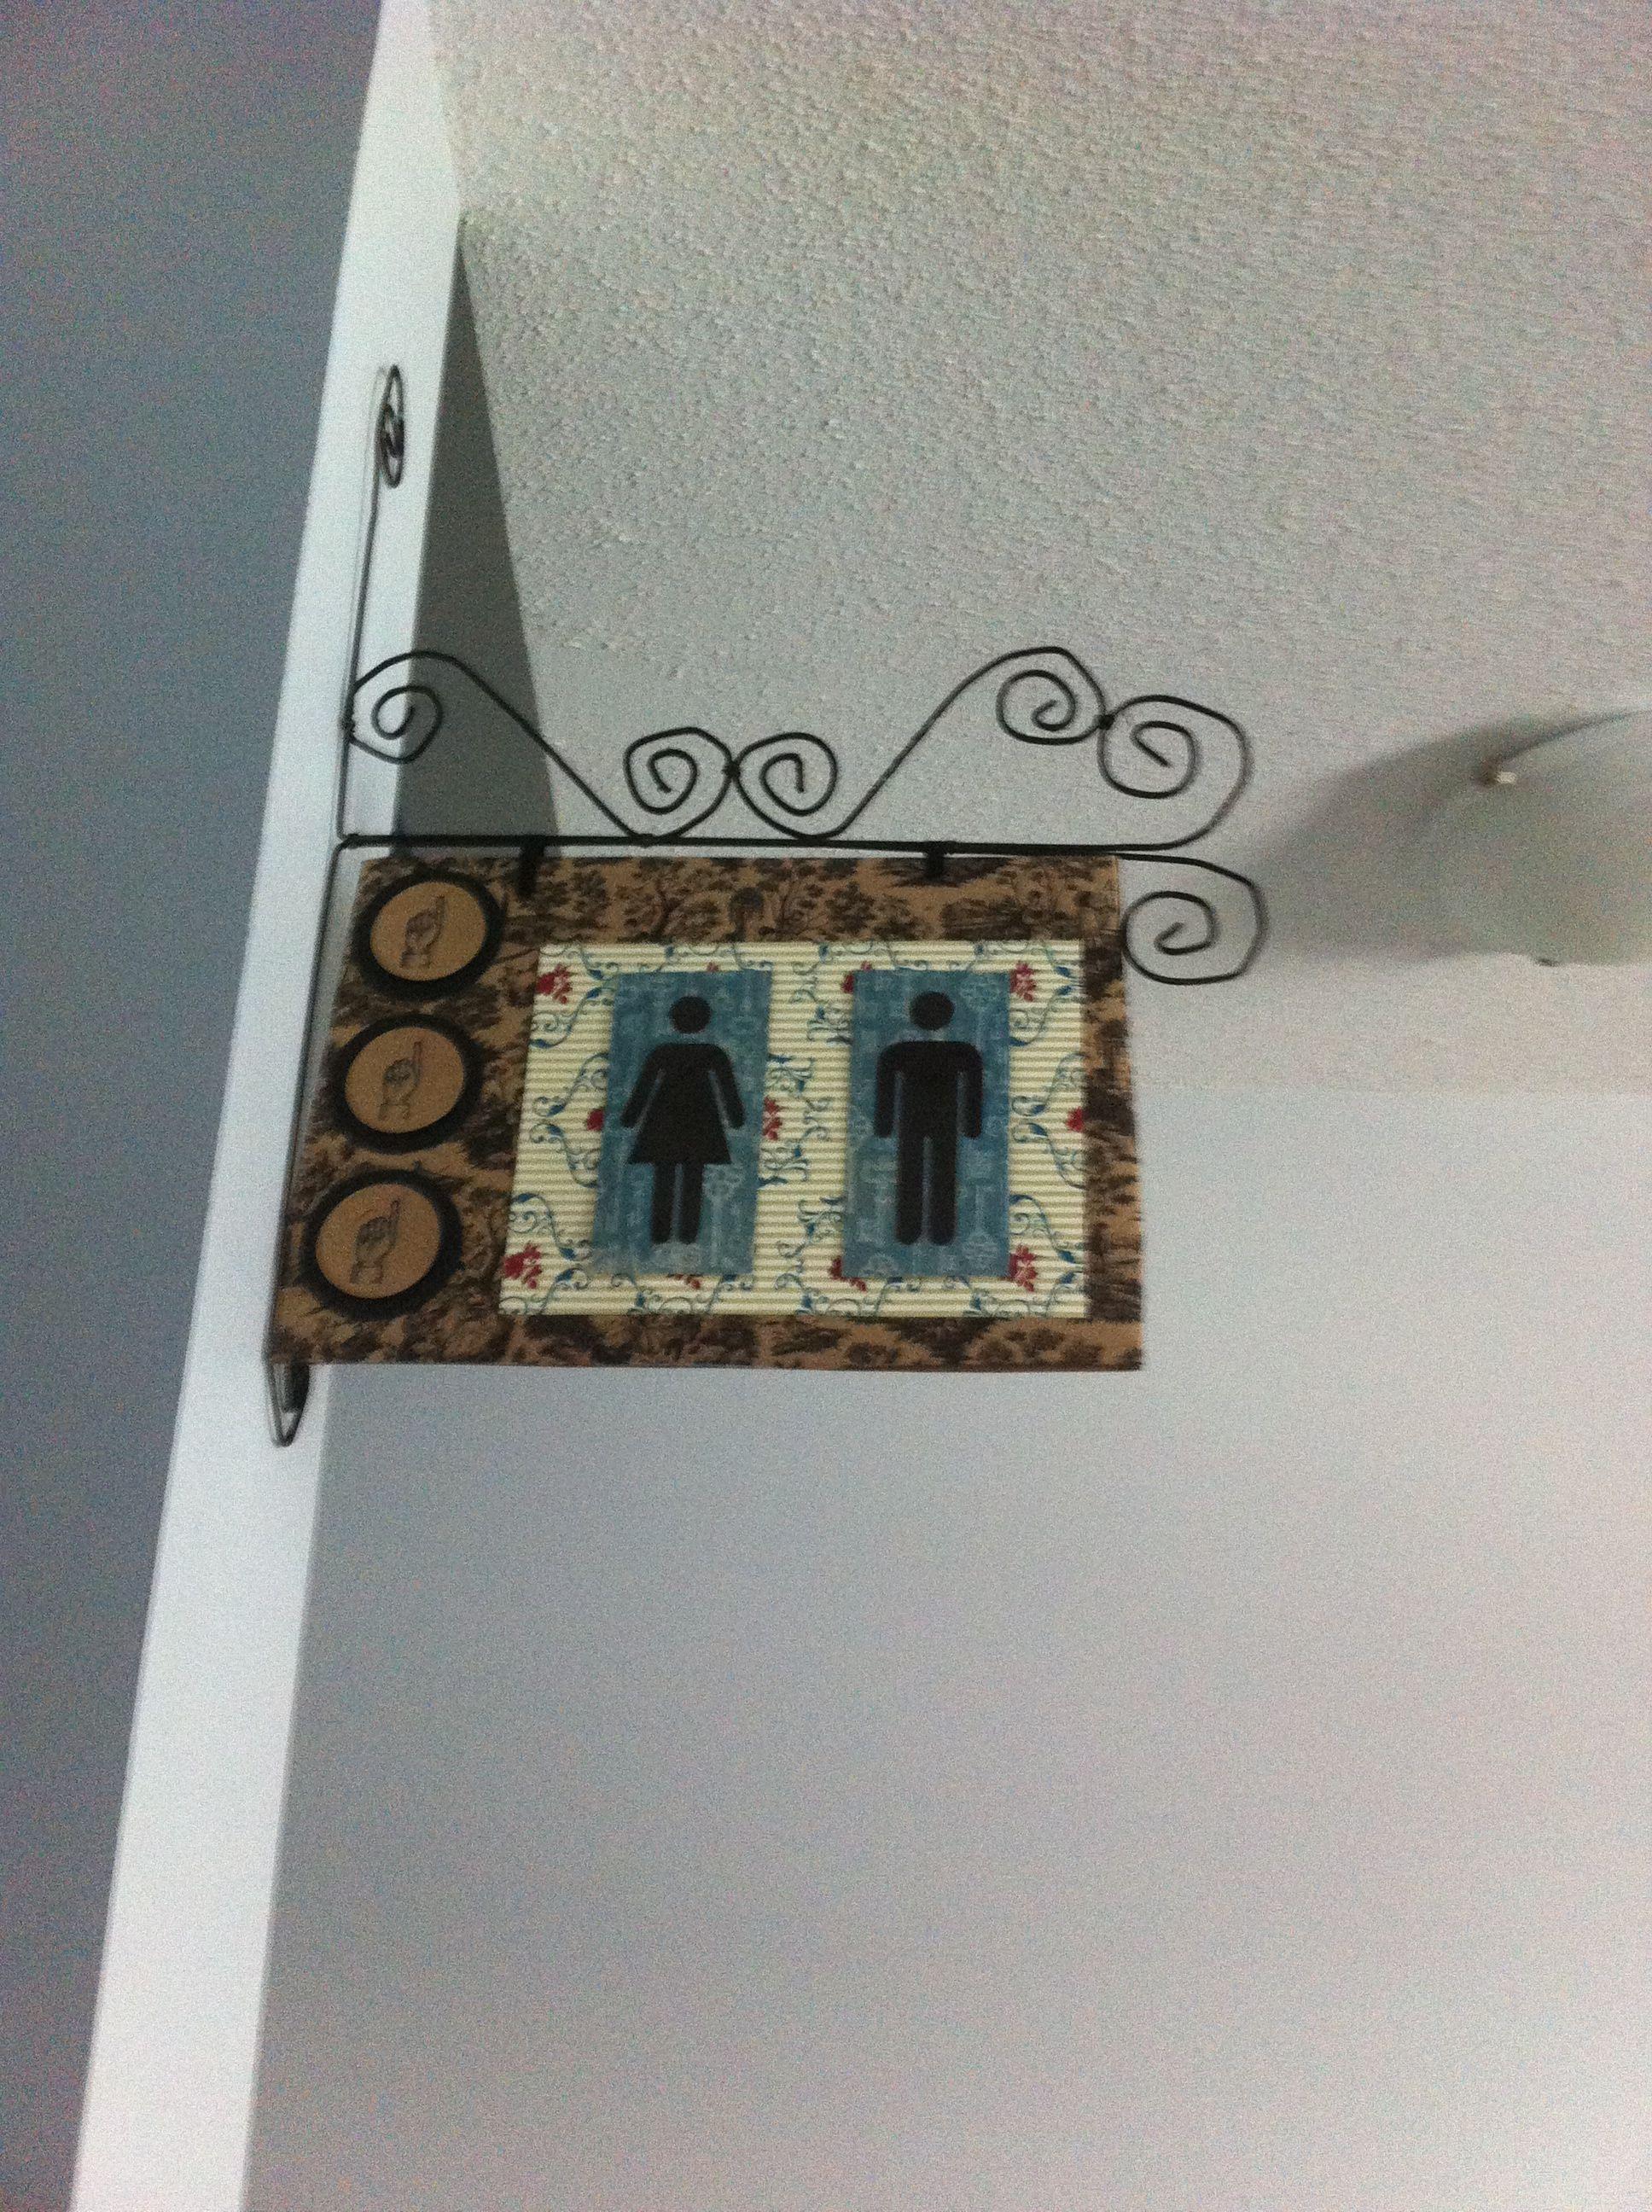 Restroom sign using coat hangers cardboard scrapbook paper and big